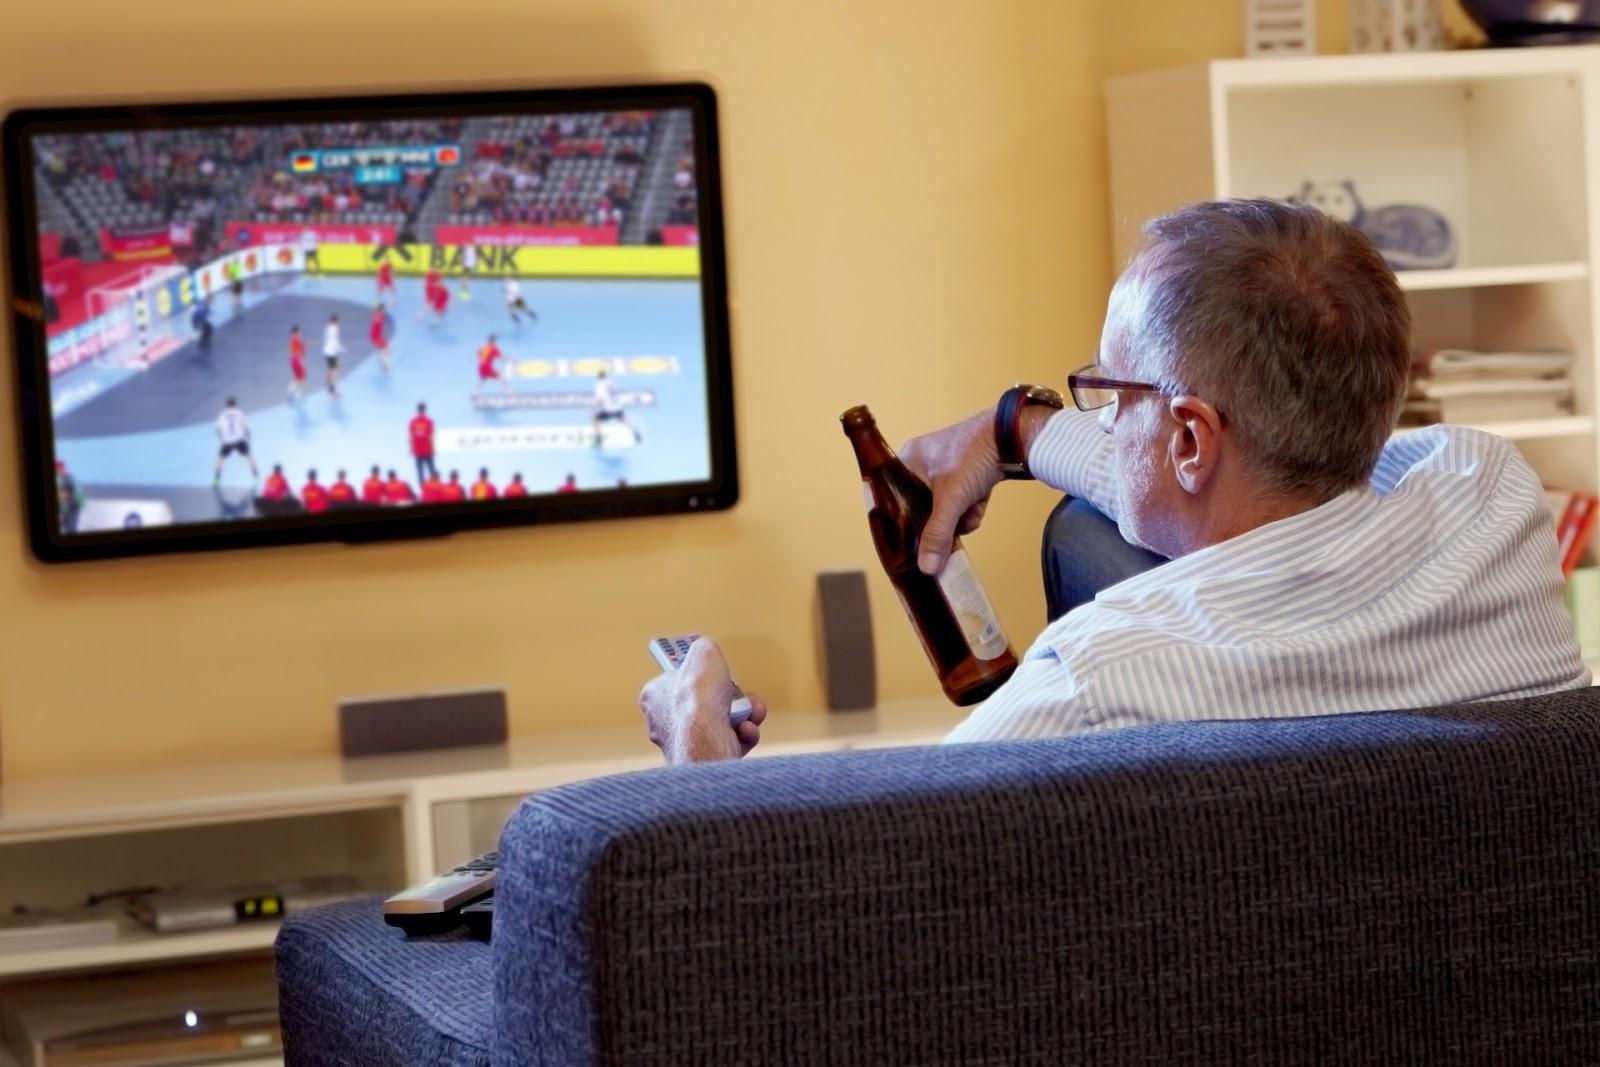 Трахнул пока муж смотрел футбол с другом, Жена тихо изменяет мужу с его лучшим другом во время 10 фотография